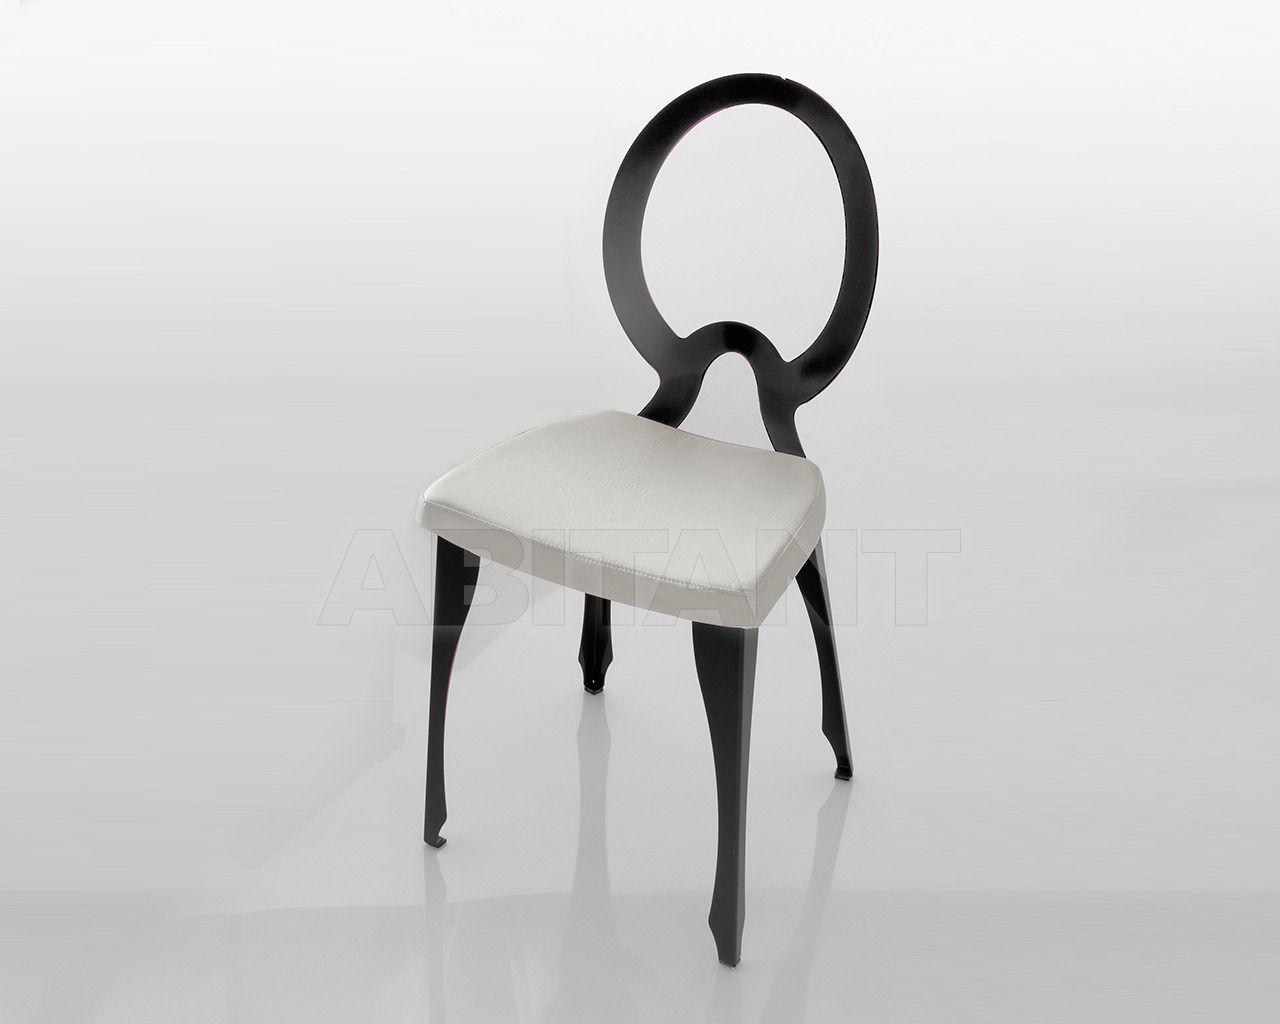 Купить Стул SOFIA Eurosedia Design S.p.A. 2013 291022 668011